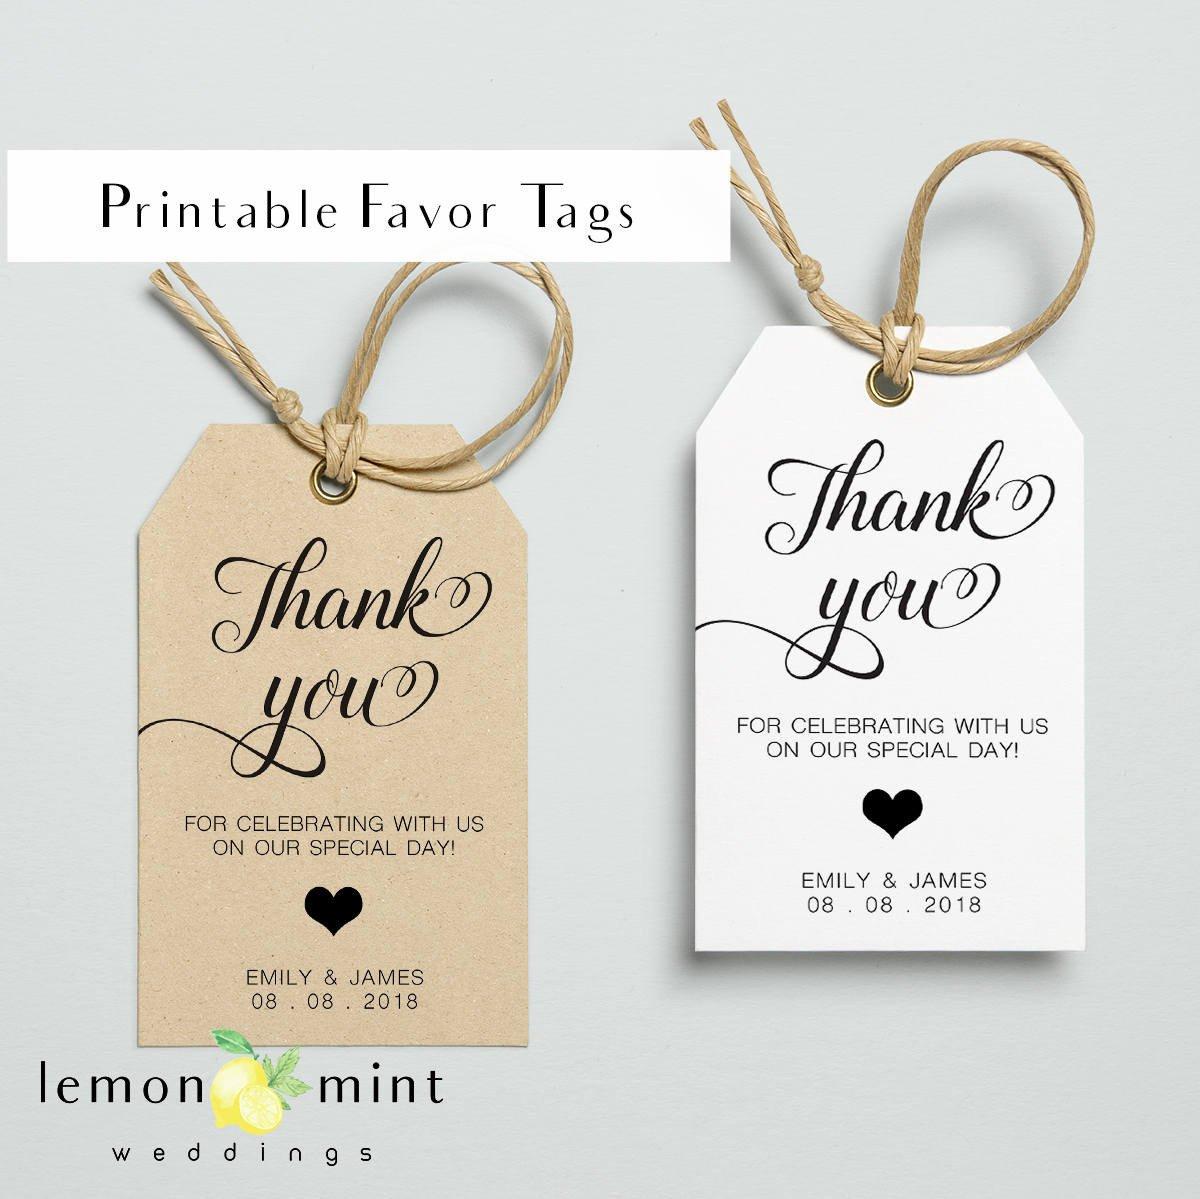 Printable Wedding Favor Tags Printable Favor Tags Printable Personal Favor Tag Wedding